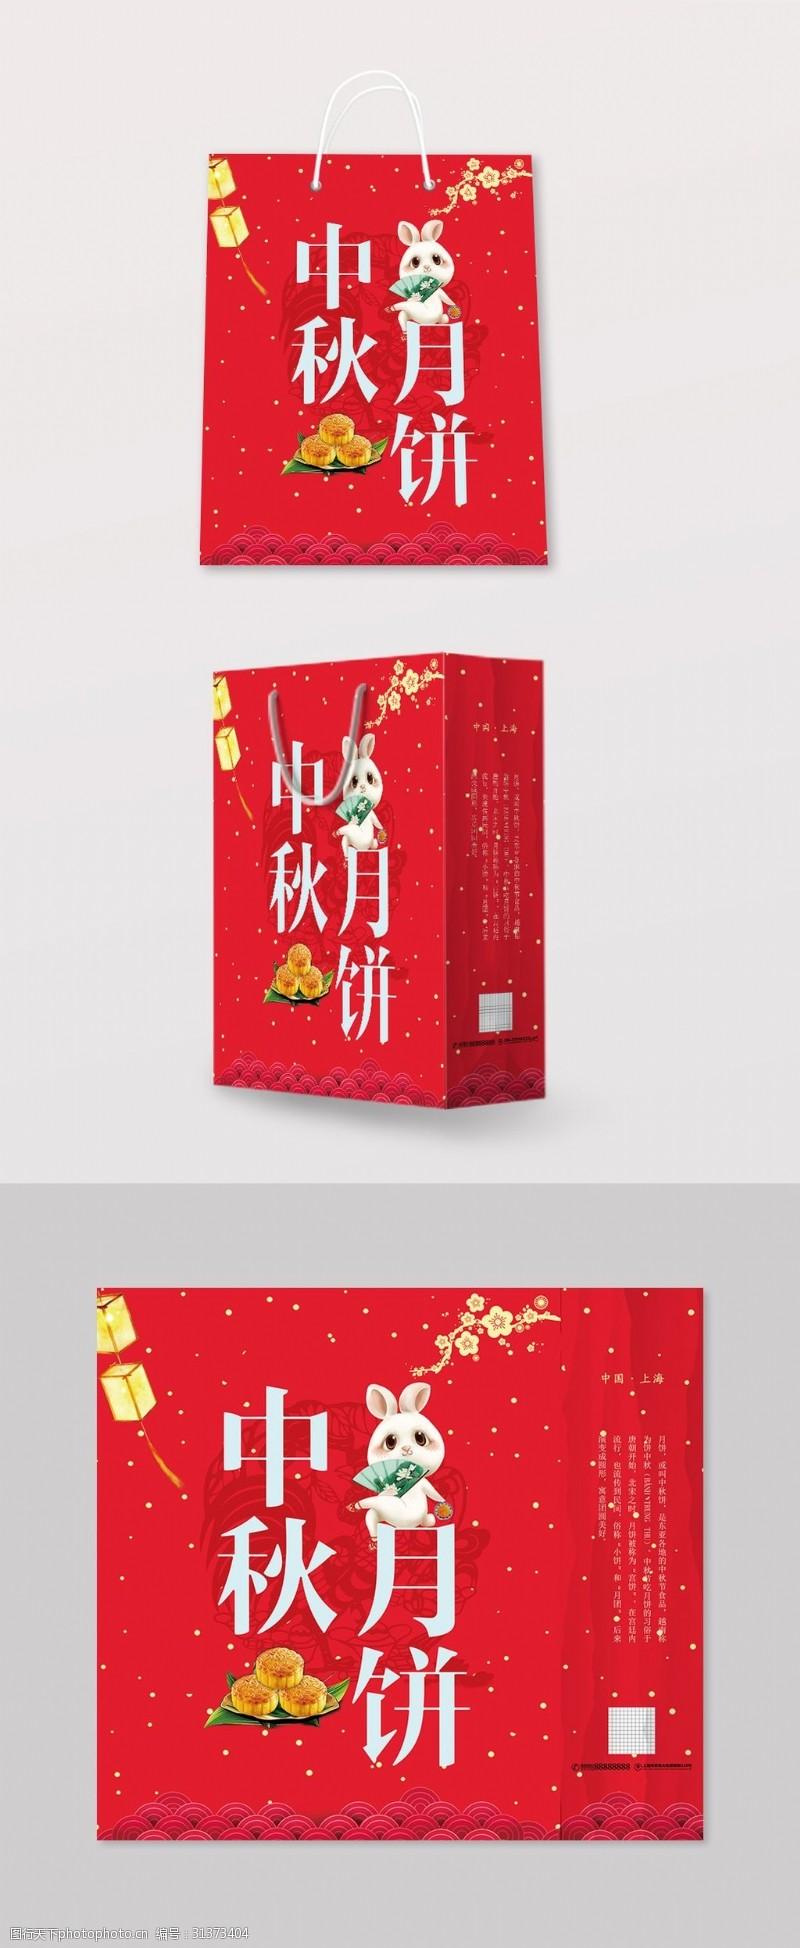 中秋节月饼中国风喜庆手提袋包装设计